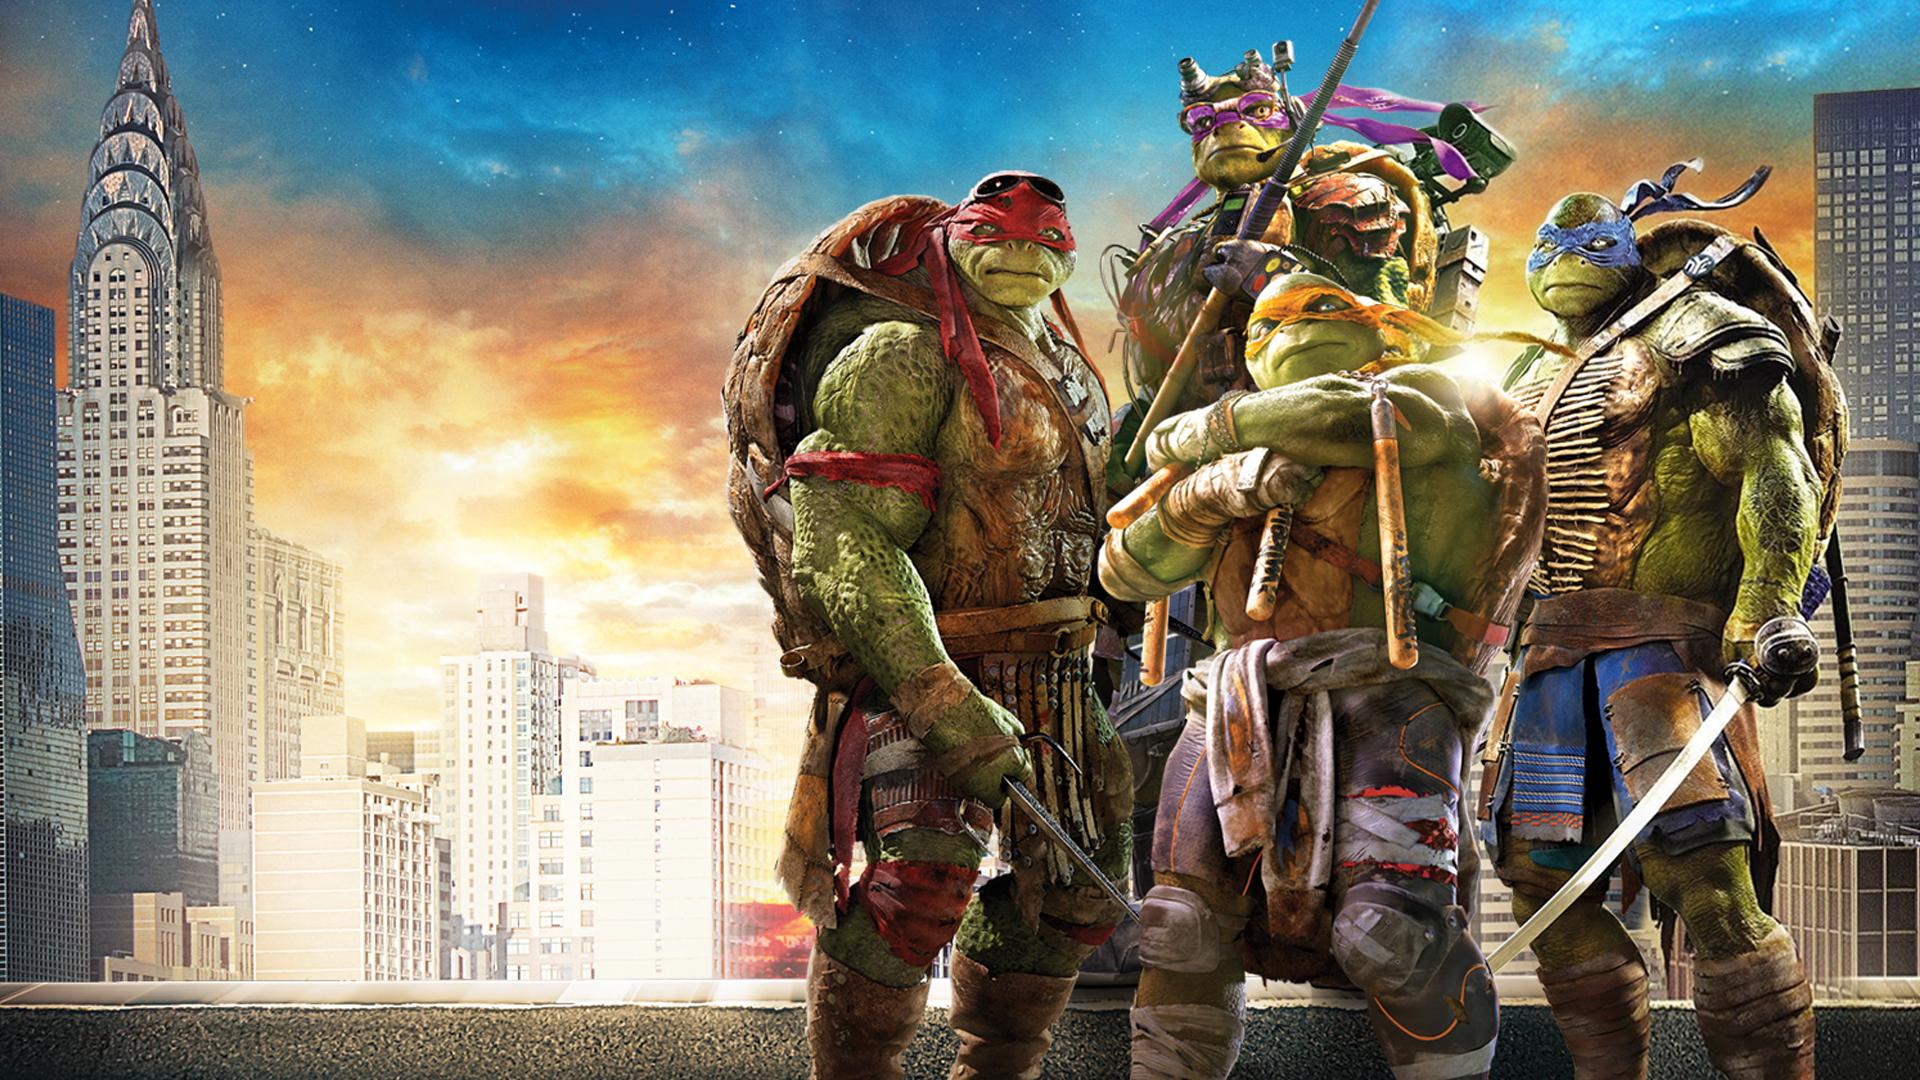 Teenage Mutant Ninja Turtles Wallpaper 1920x1080 By Sachso74